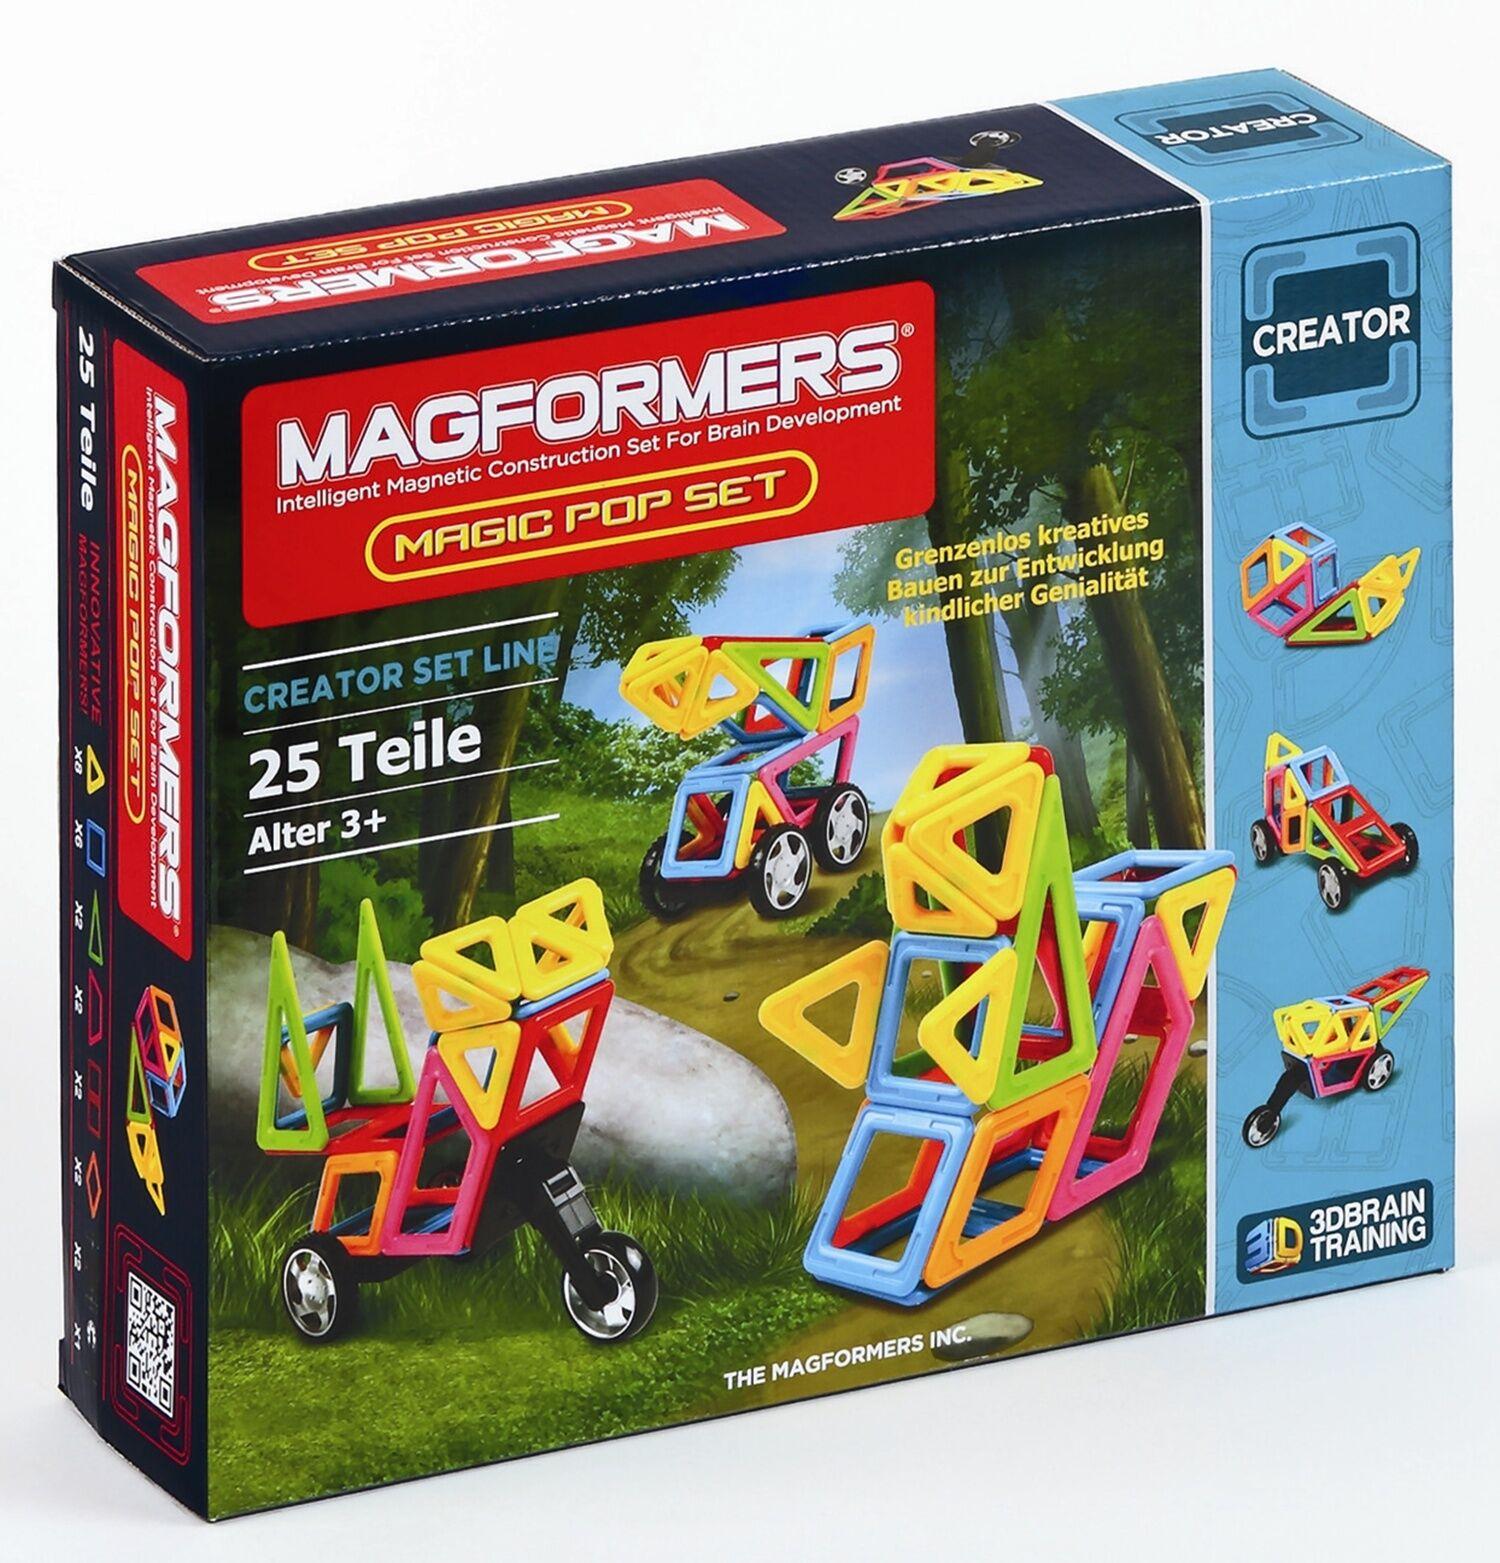 Célébrez Célébrez Célébrez Noël et bienvenue au Nouvel An Magformers-Magic pop set magnétique de conception matériel (274-39) 6c5f49